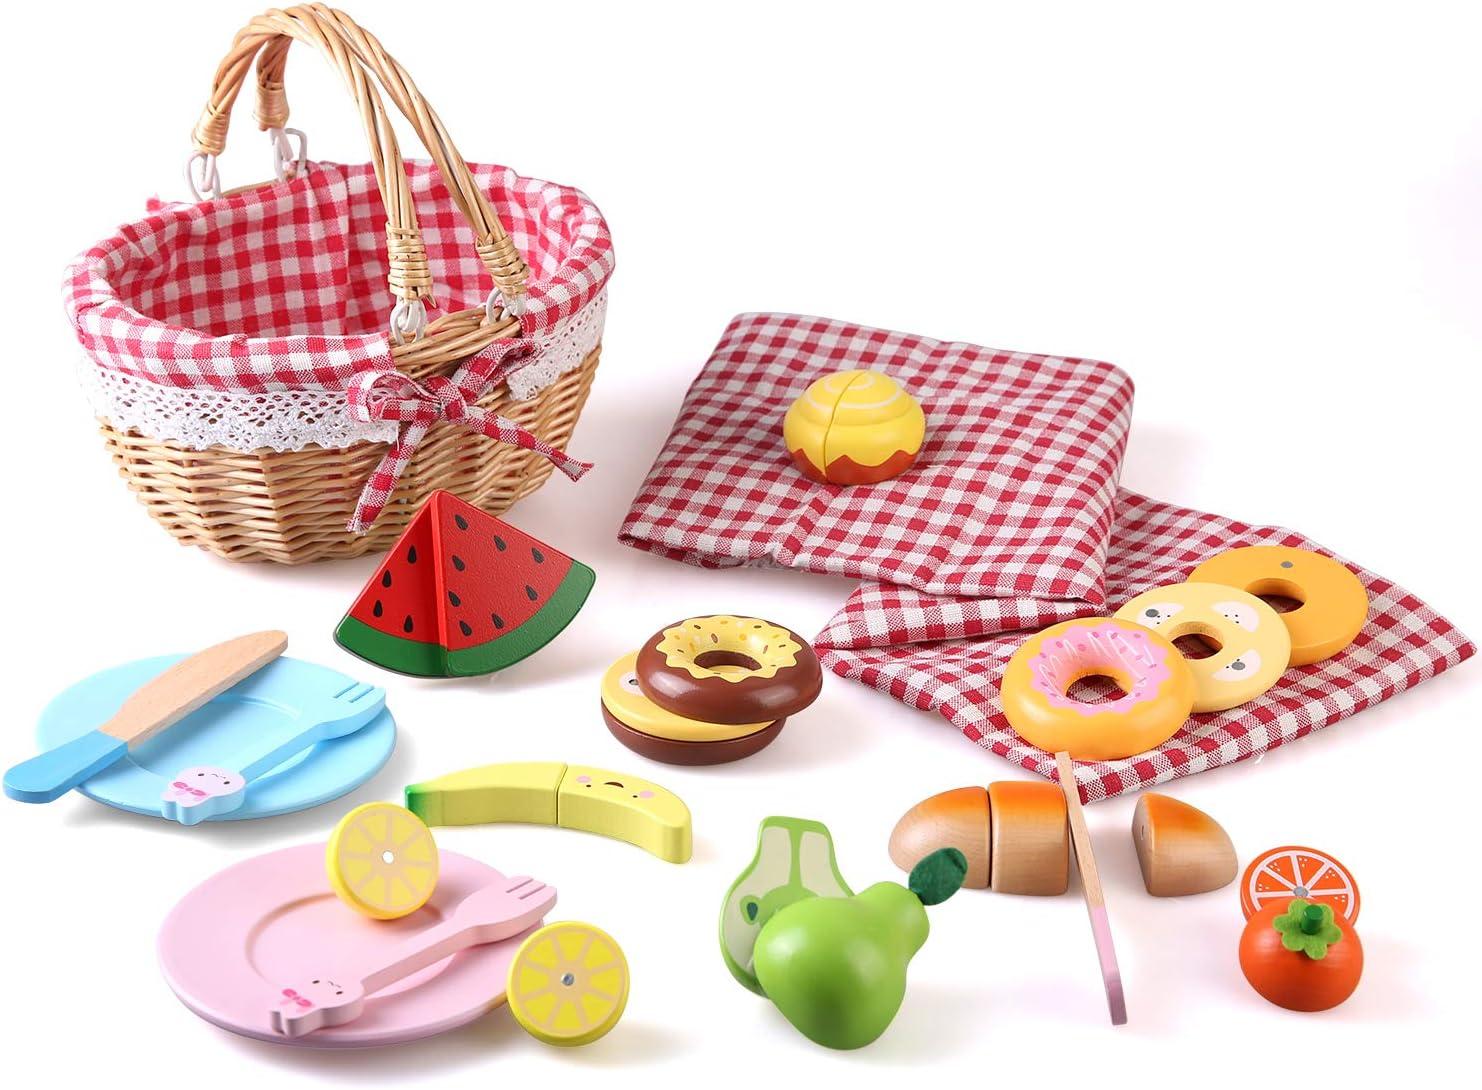 BeebeeRun Alimentos de Juguete para Niños, Cortar Frutas y Postres Madera con Cesta de Picnic y Colchoneta de Picnic, Juegos de Cocina Juguetes Educativos para la Primera Infancia 3 años+